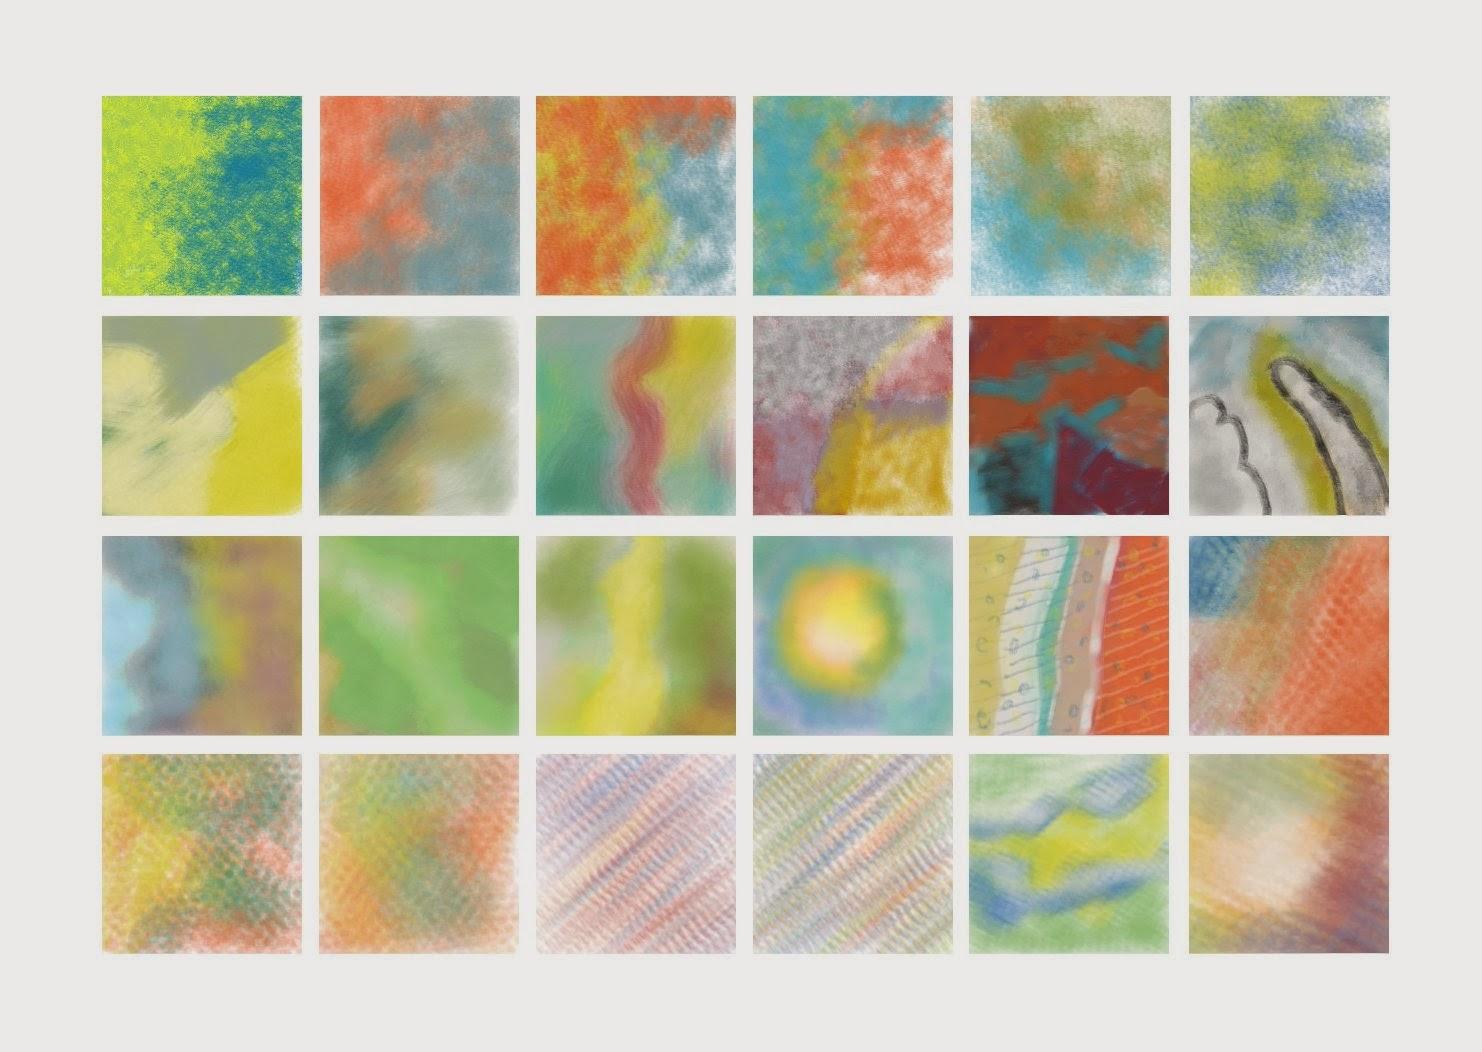 Pinceladas de teste com vários tipos de pinceis e dinâmica para pintura molhada. Realizado no Gimp.